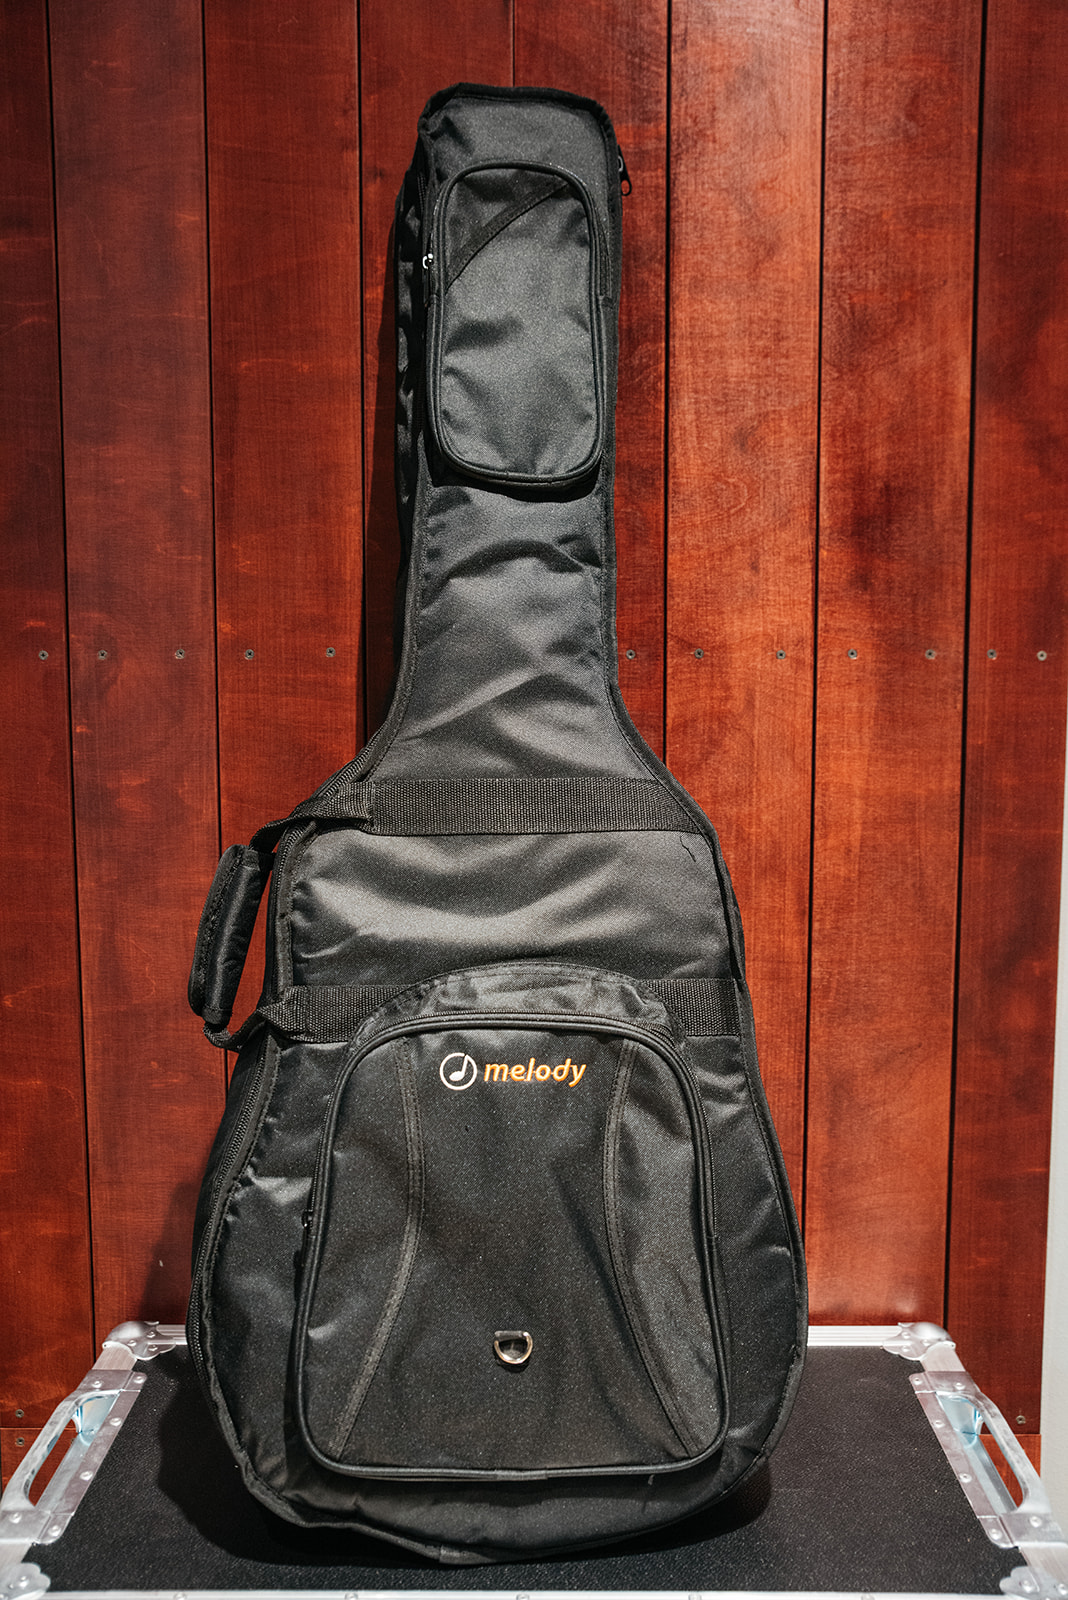 Melody Western Guitar Gig Bag Black